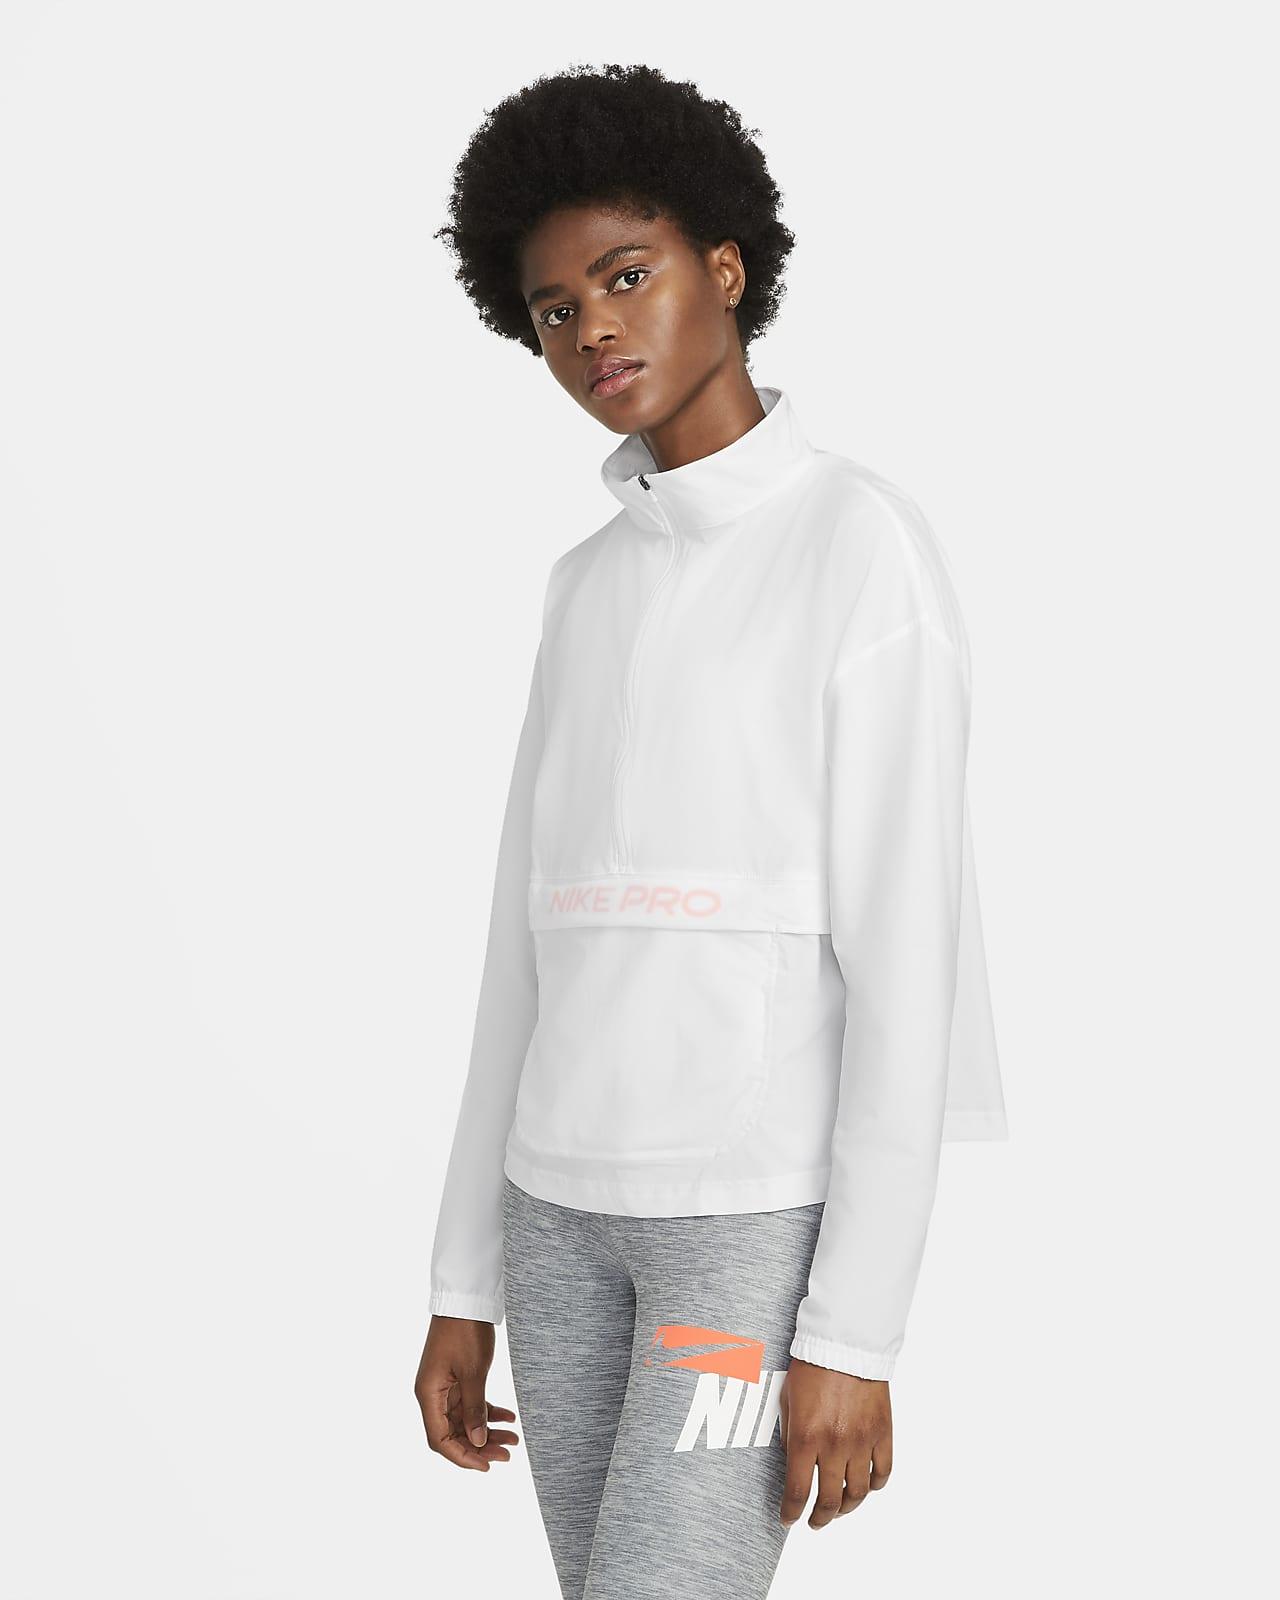 Damska pakowana bluza z tkaniny Nike Pro